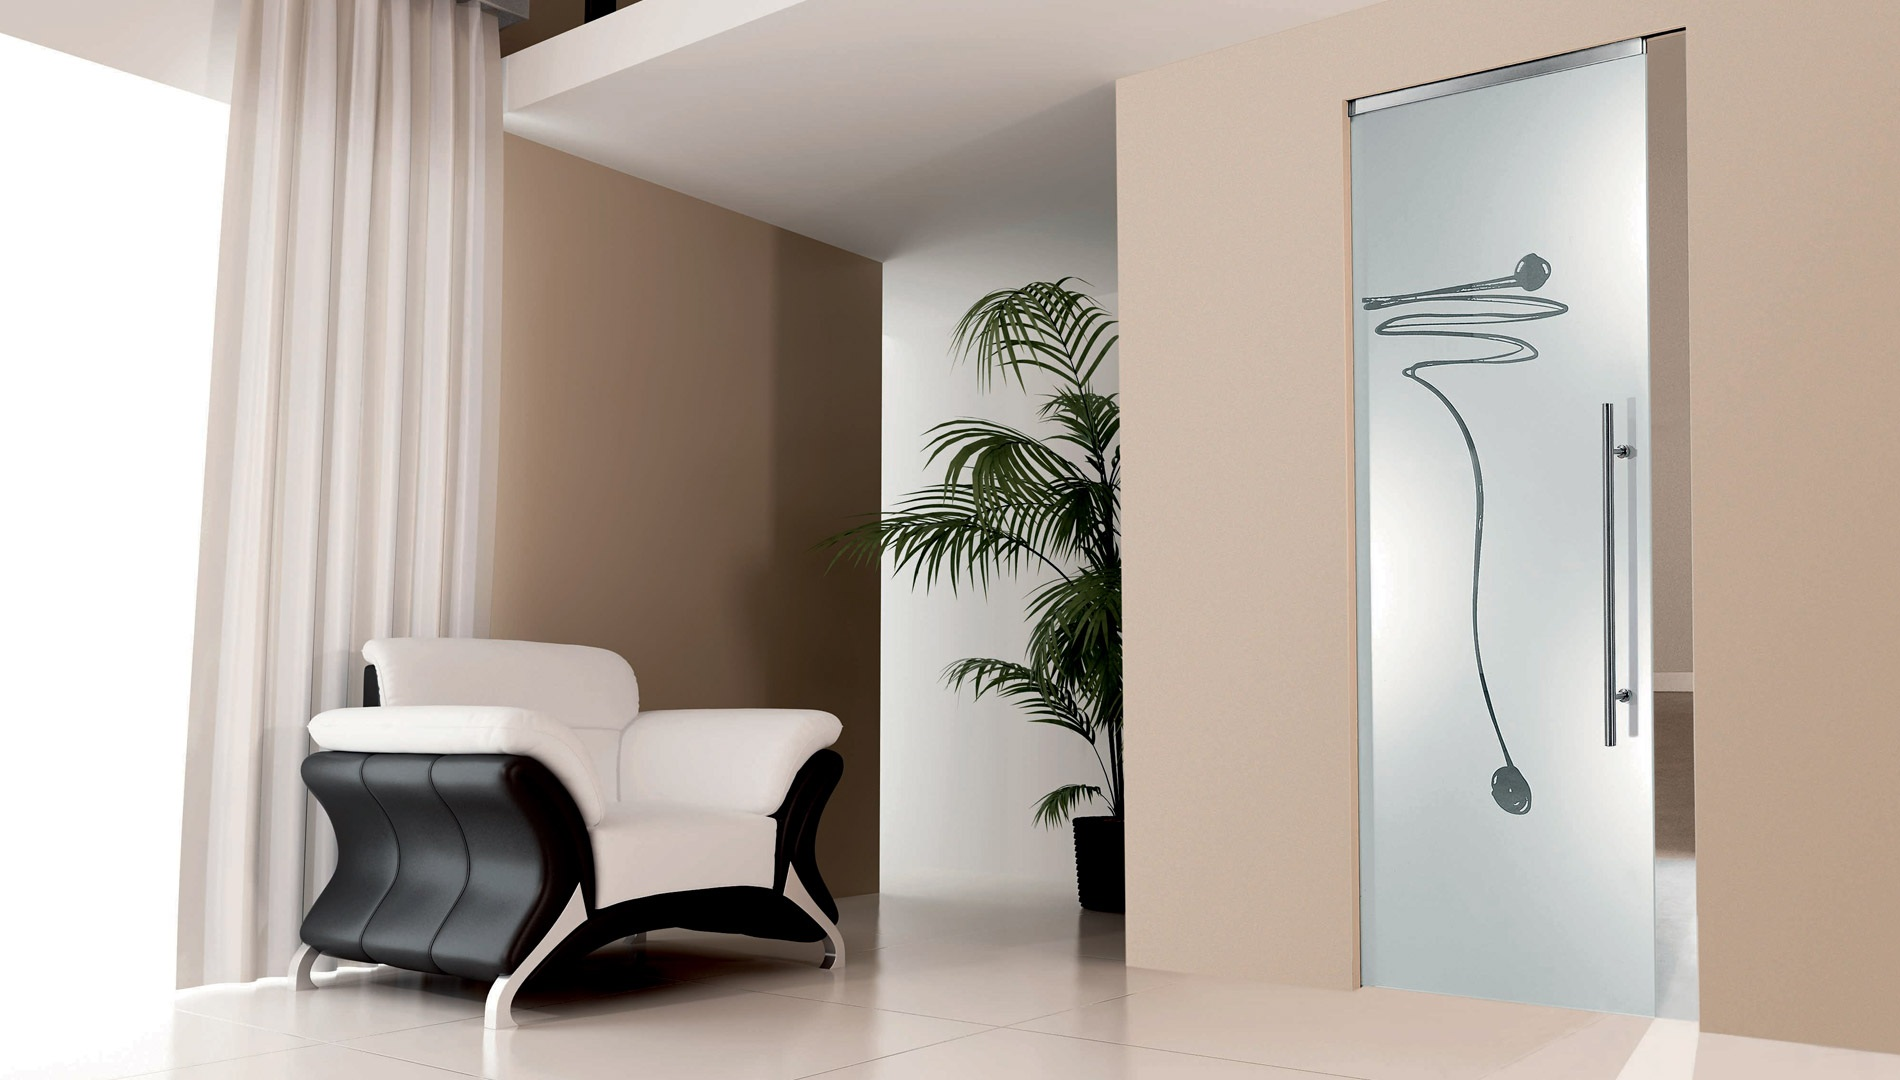 Porte di design dalle soluzioni estetiche innovative - Porta scorrevole a scomparsa ...